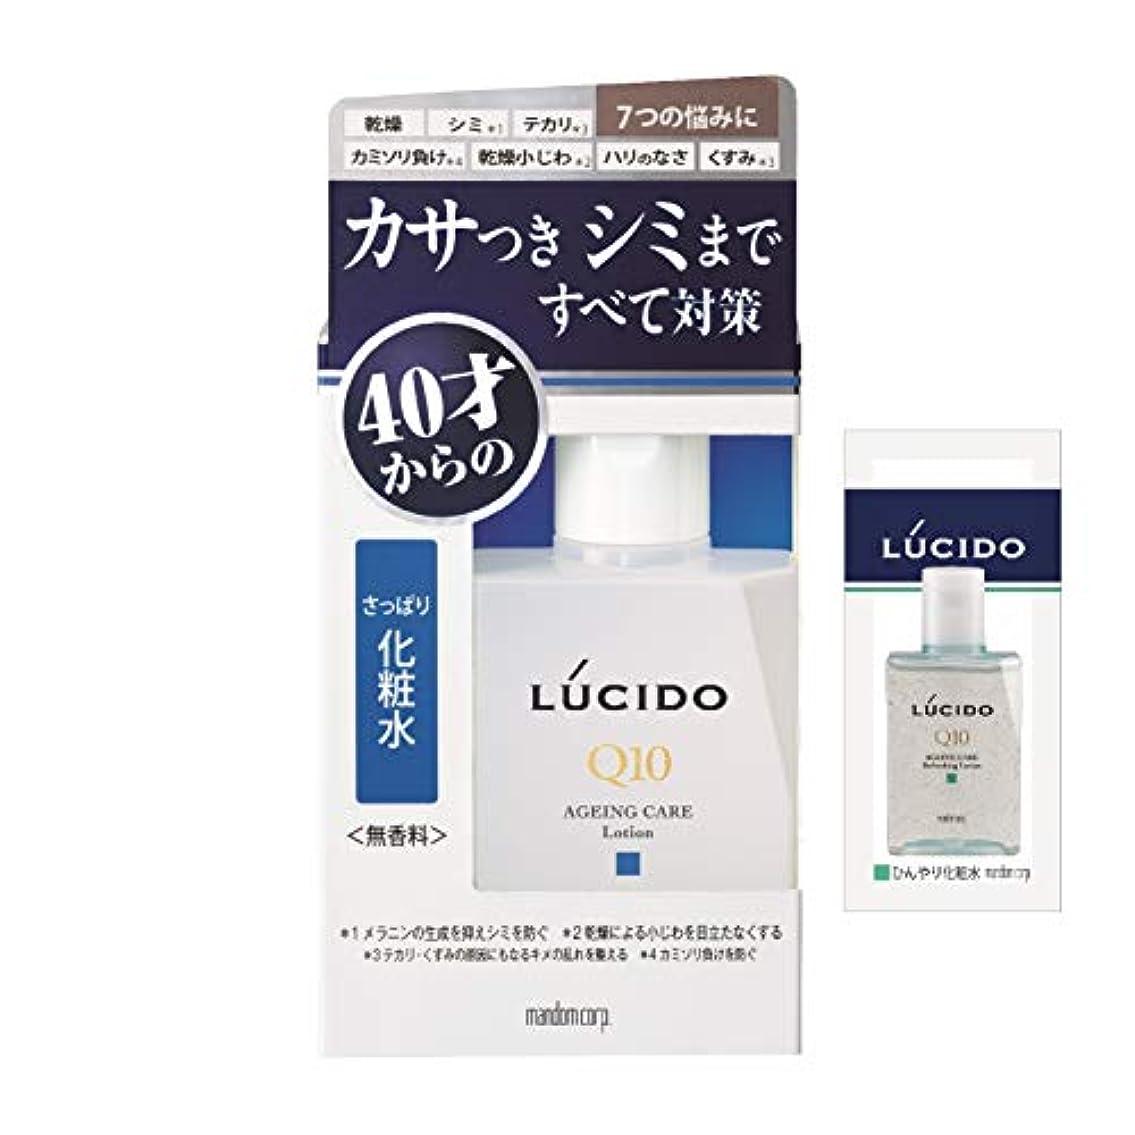 割合生まれ息切れ【Amazon.co.jp限定】 LUCIDO(ルシード) ルシード 薬用 トータルケア化粧水 (医薬部外品) 110ml+サンプル付